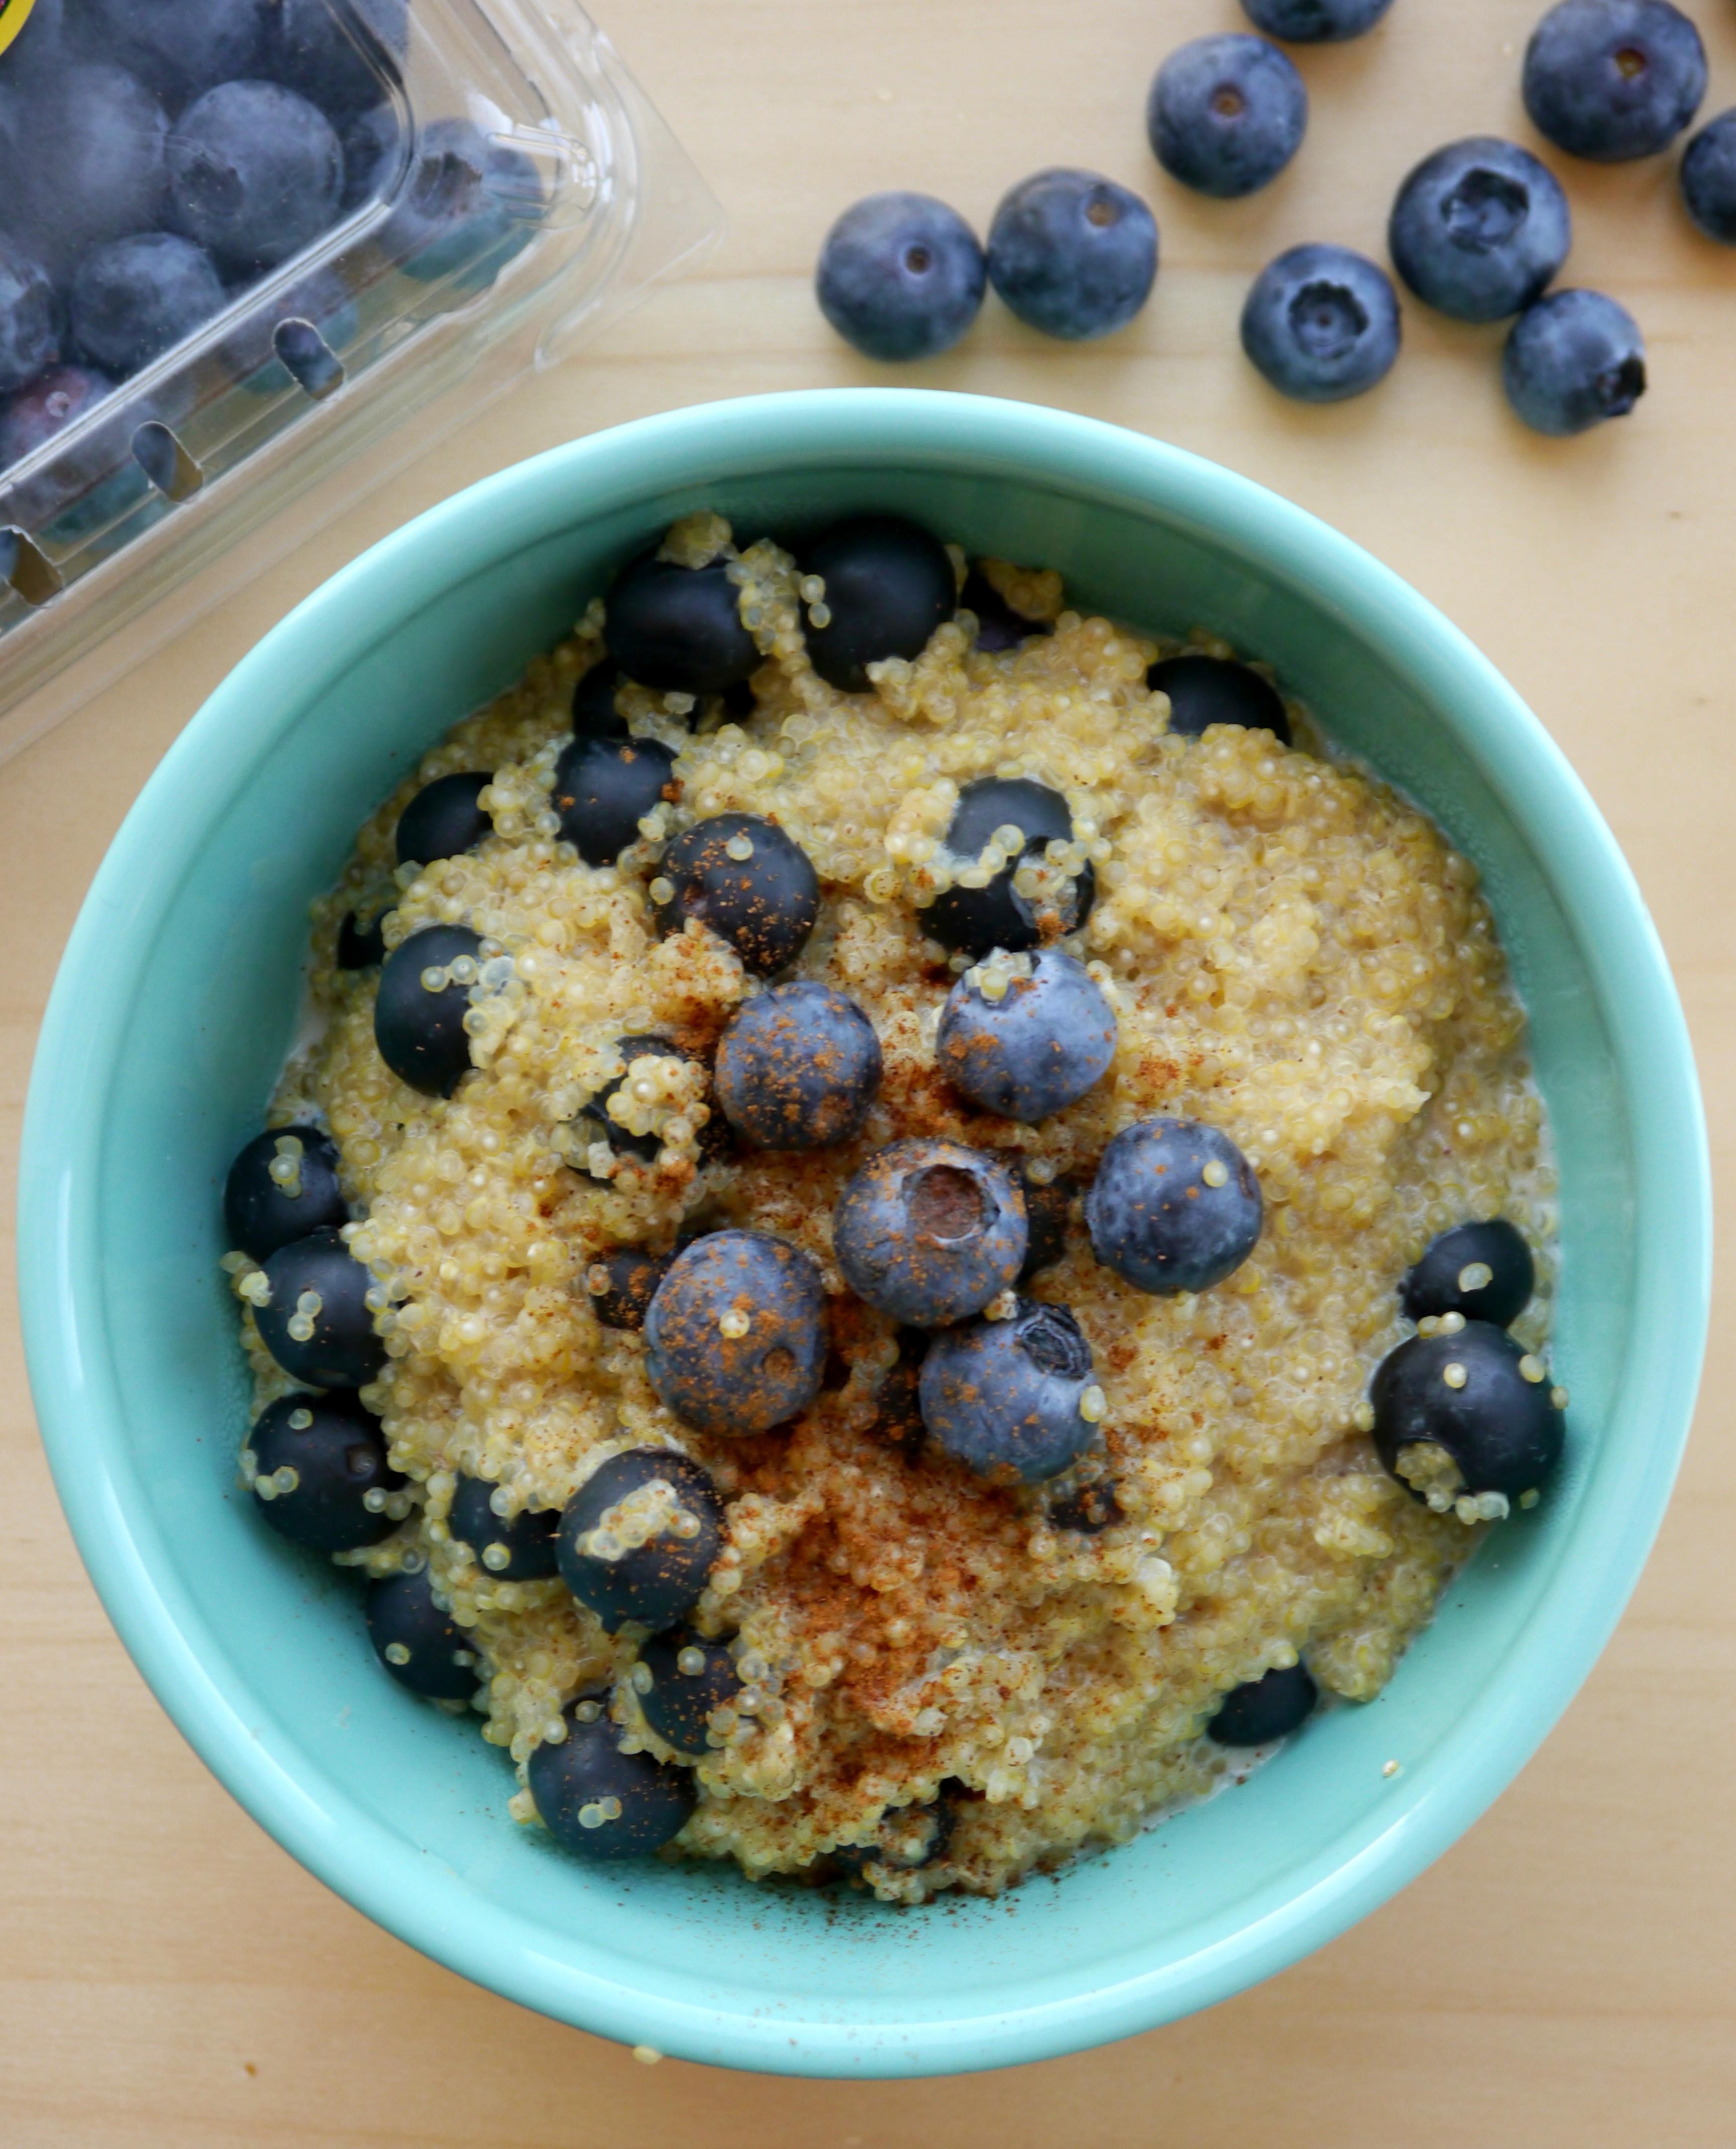 Quinoa Breakfast Recipes  Blueberry Breakfast Quinoa My Bacon Wrapped Life